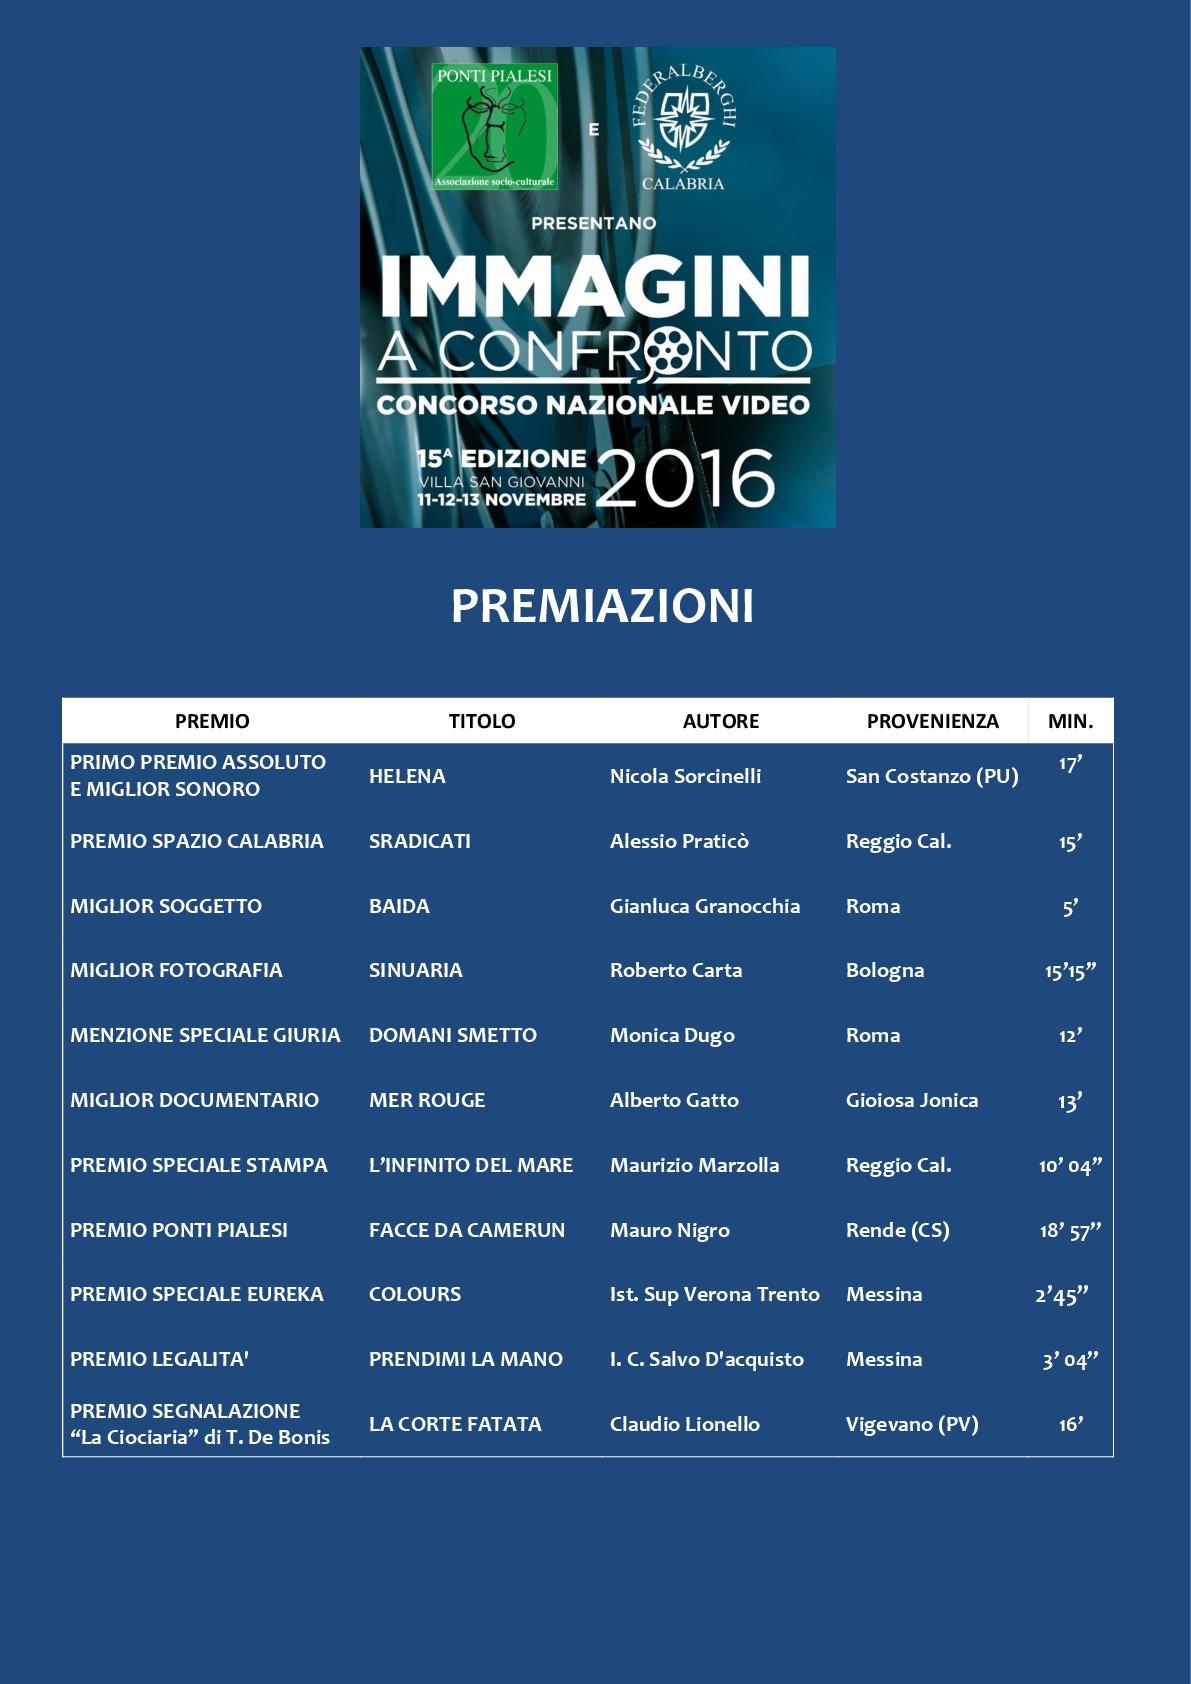 PONTI PIALESI - 15a Edizione IMMAGINI A CONFRONTO 2016 - PREMIAZIONI (1)